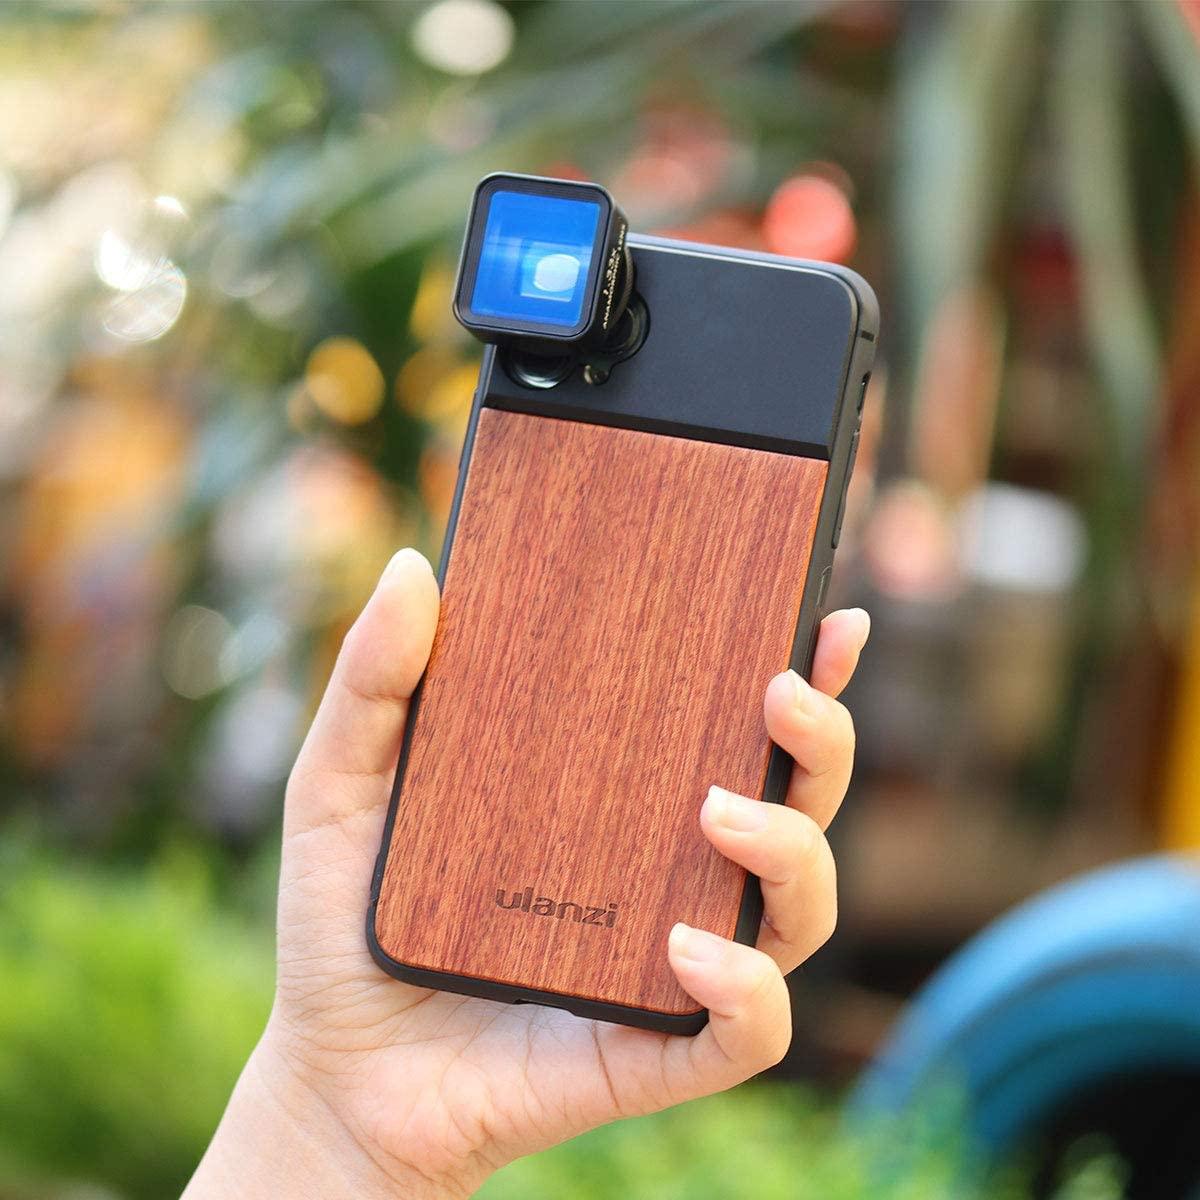 изображение Ulanzi Wood чехла для объектива на камеру iPhone 11 Pro Max